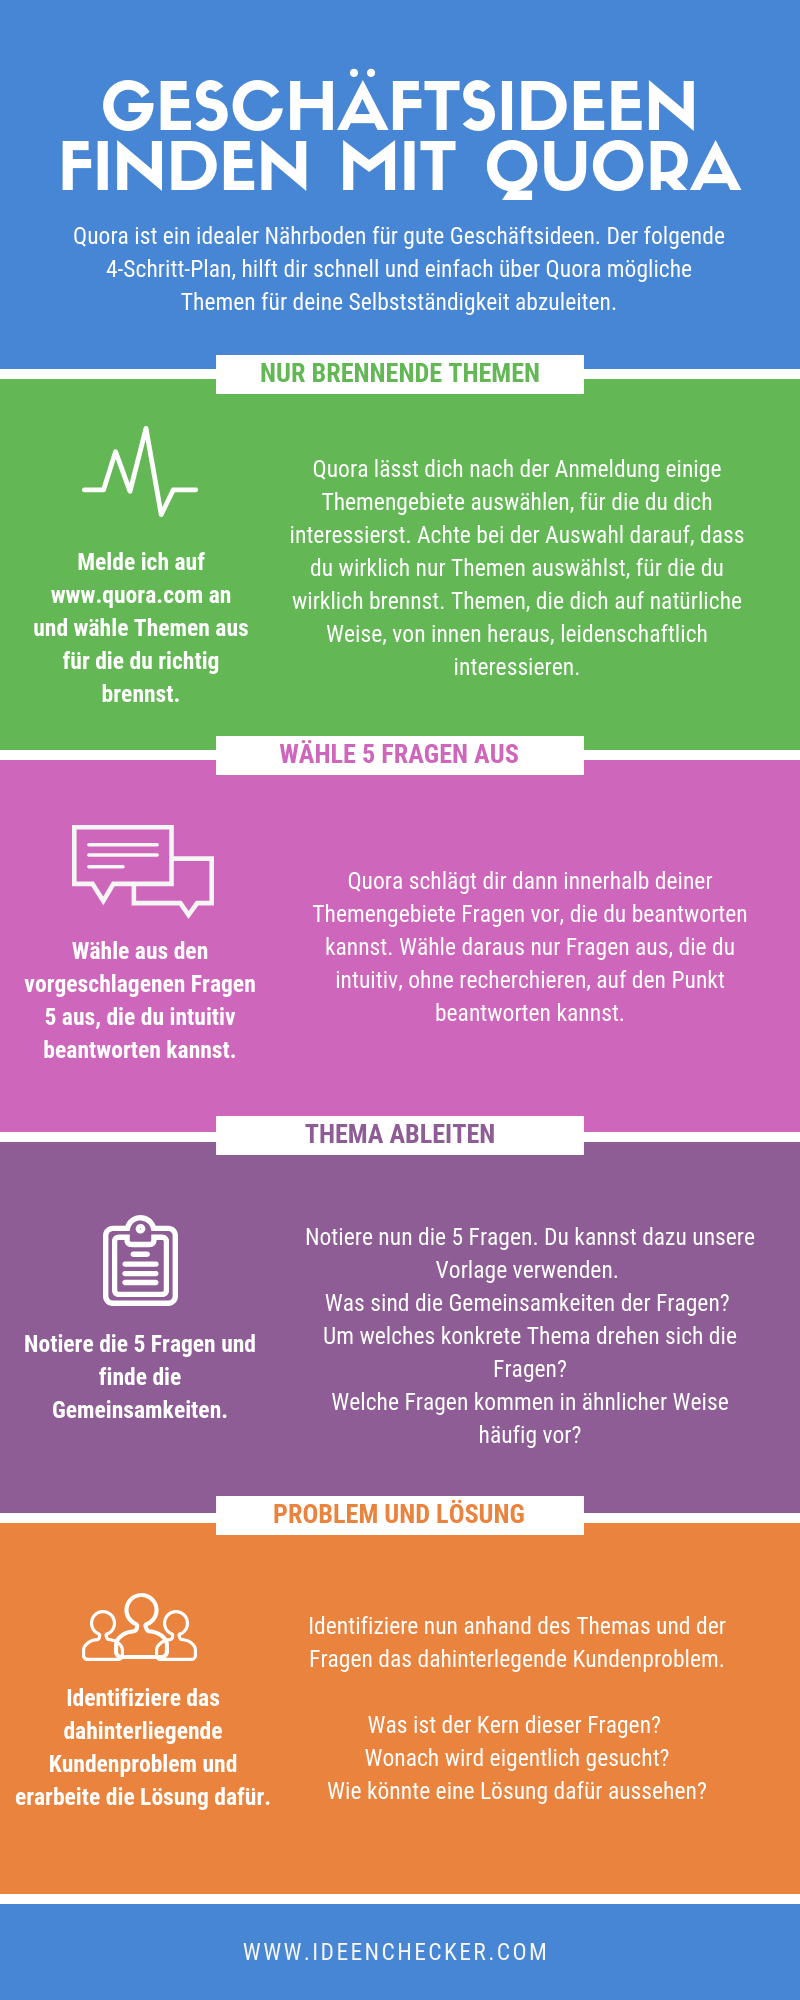 Geschäftsideen finden mit quora. Quelle: Ideenchecker